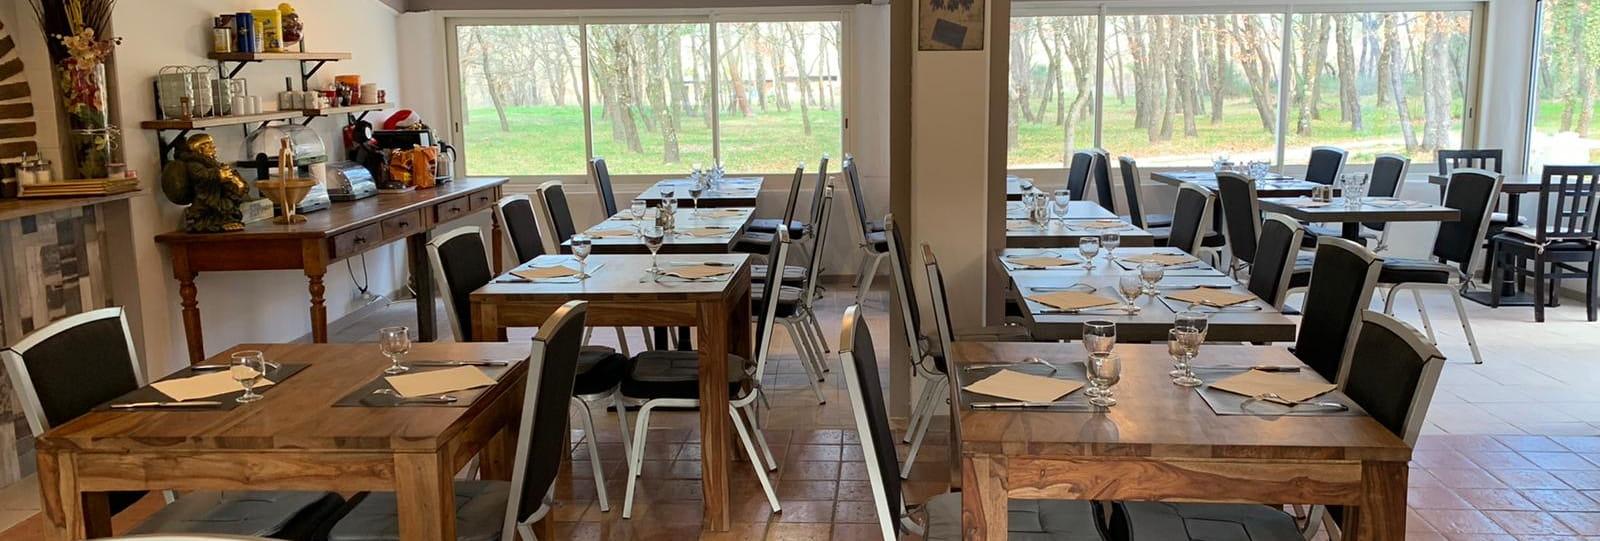 Salle de restaurant intérieur